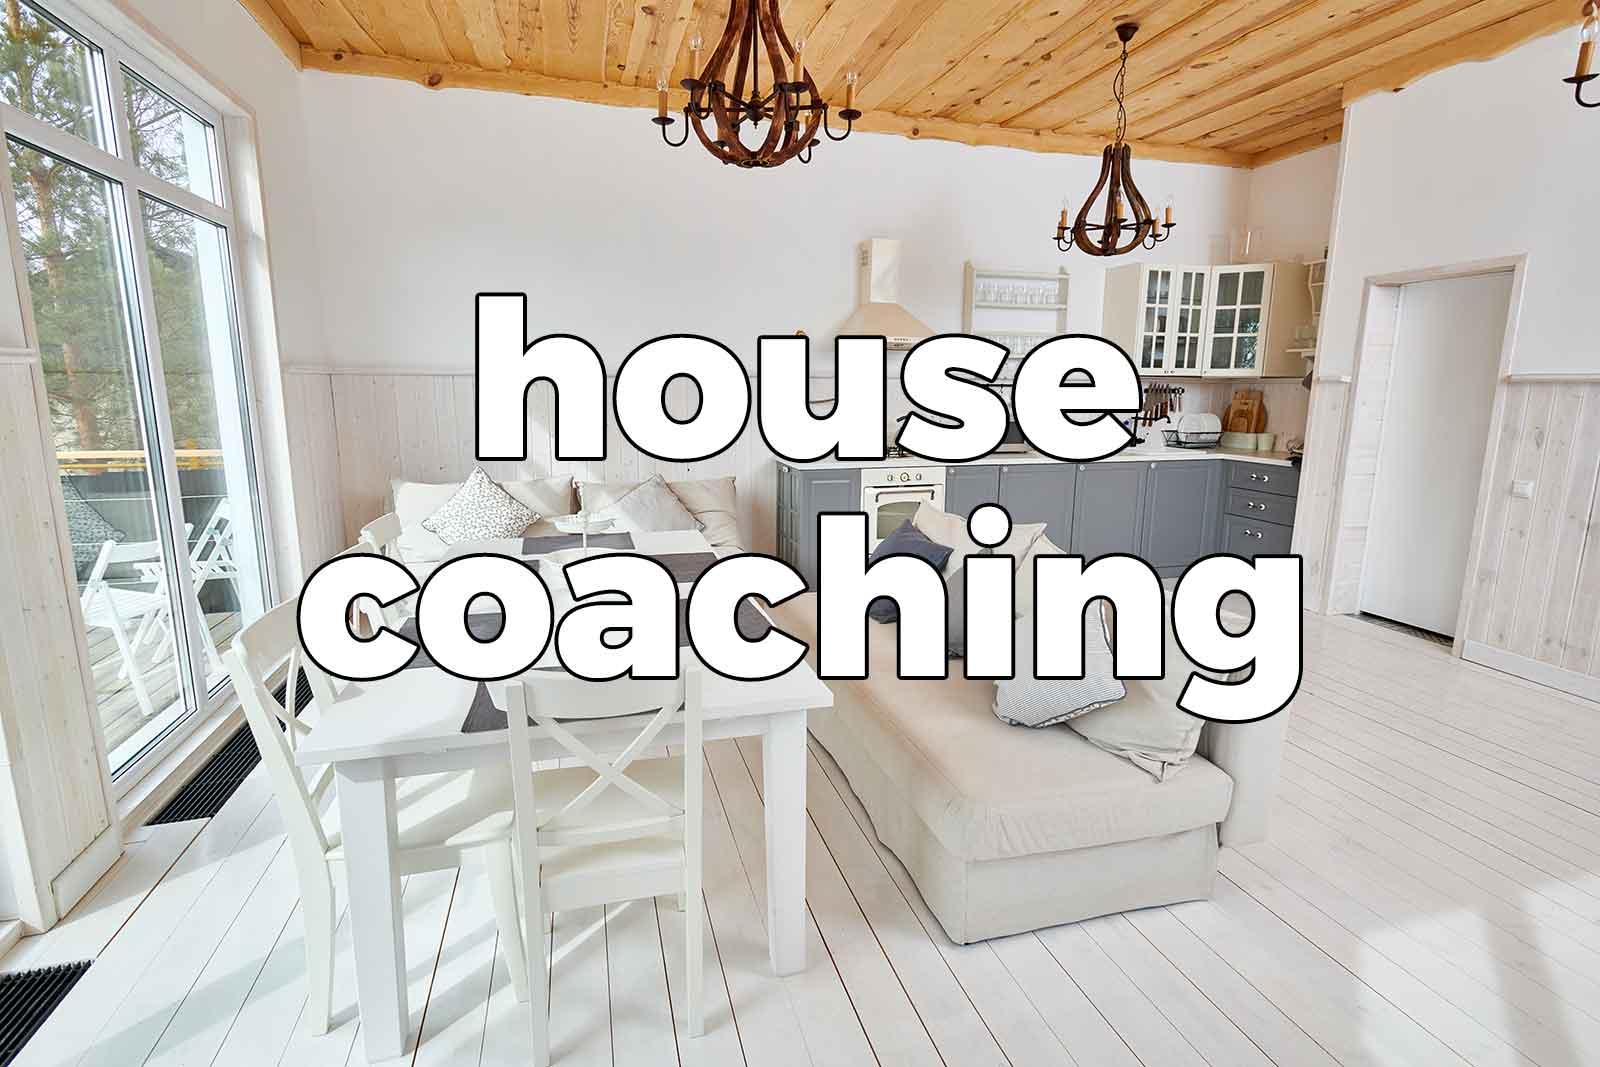 House Coaching